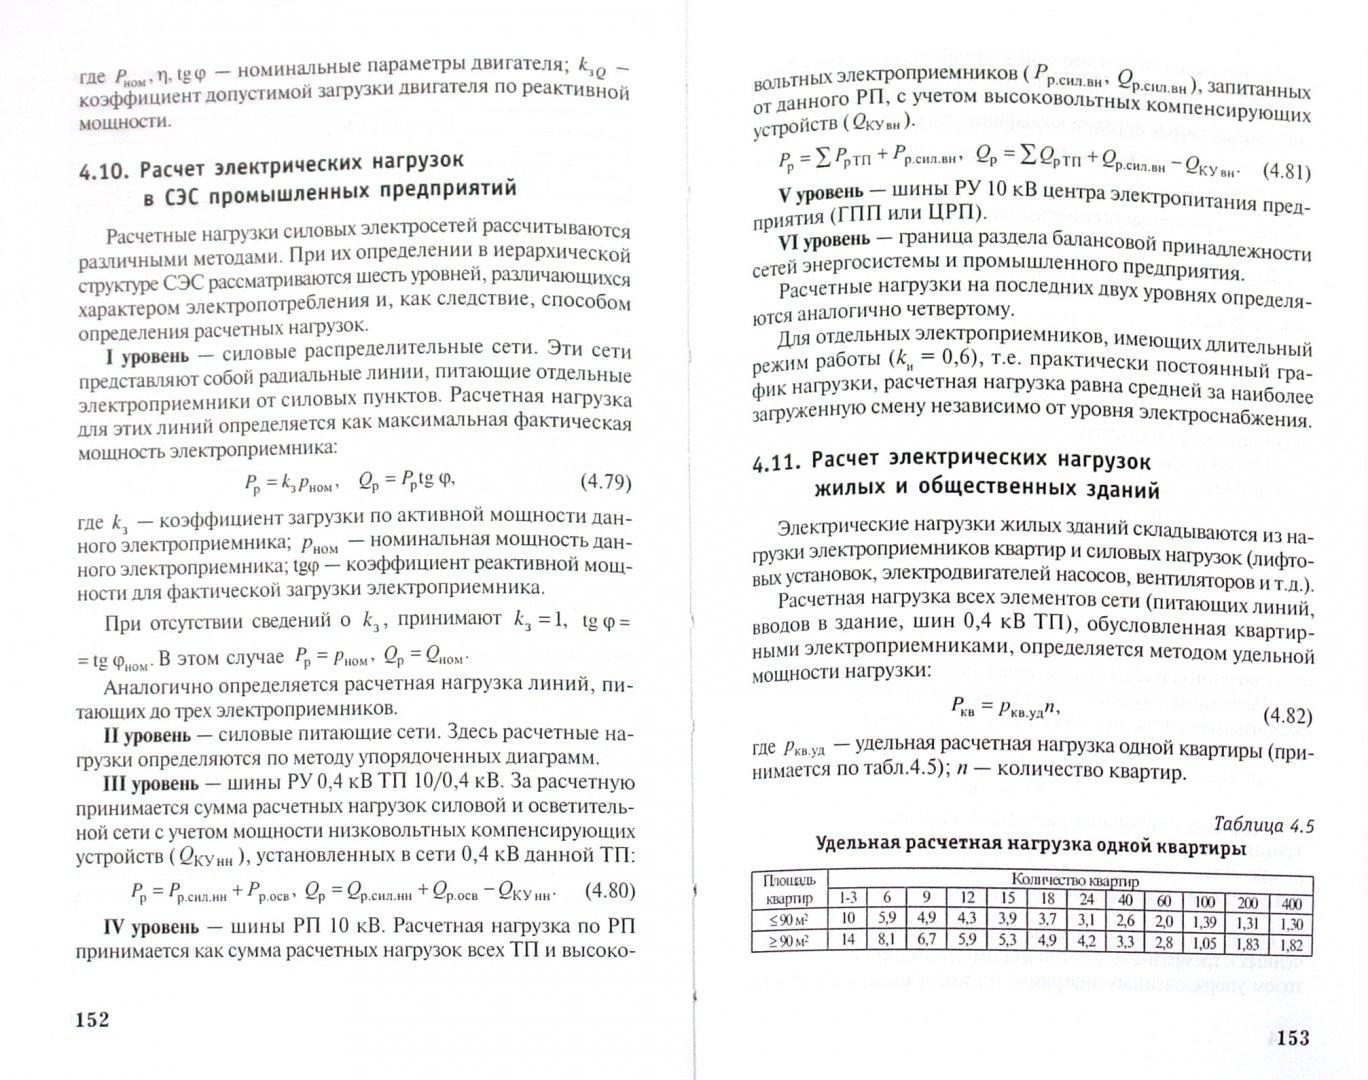 Иллюстрация 1 из 10 для Системы электроснабжения - Гужов, Ольховский, Павлюченко   Лабиринт - книги. Источник: Лабиринт